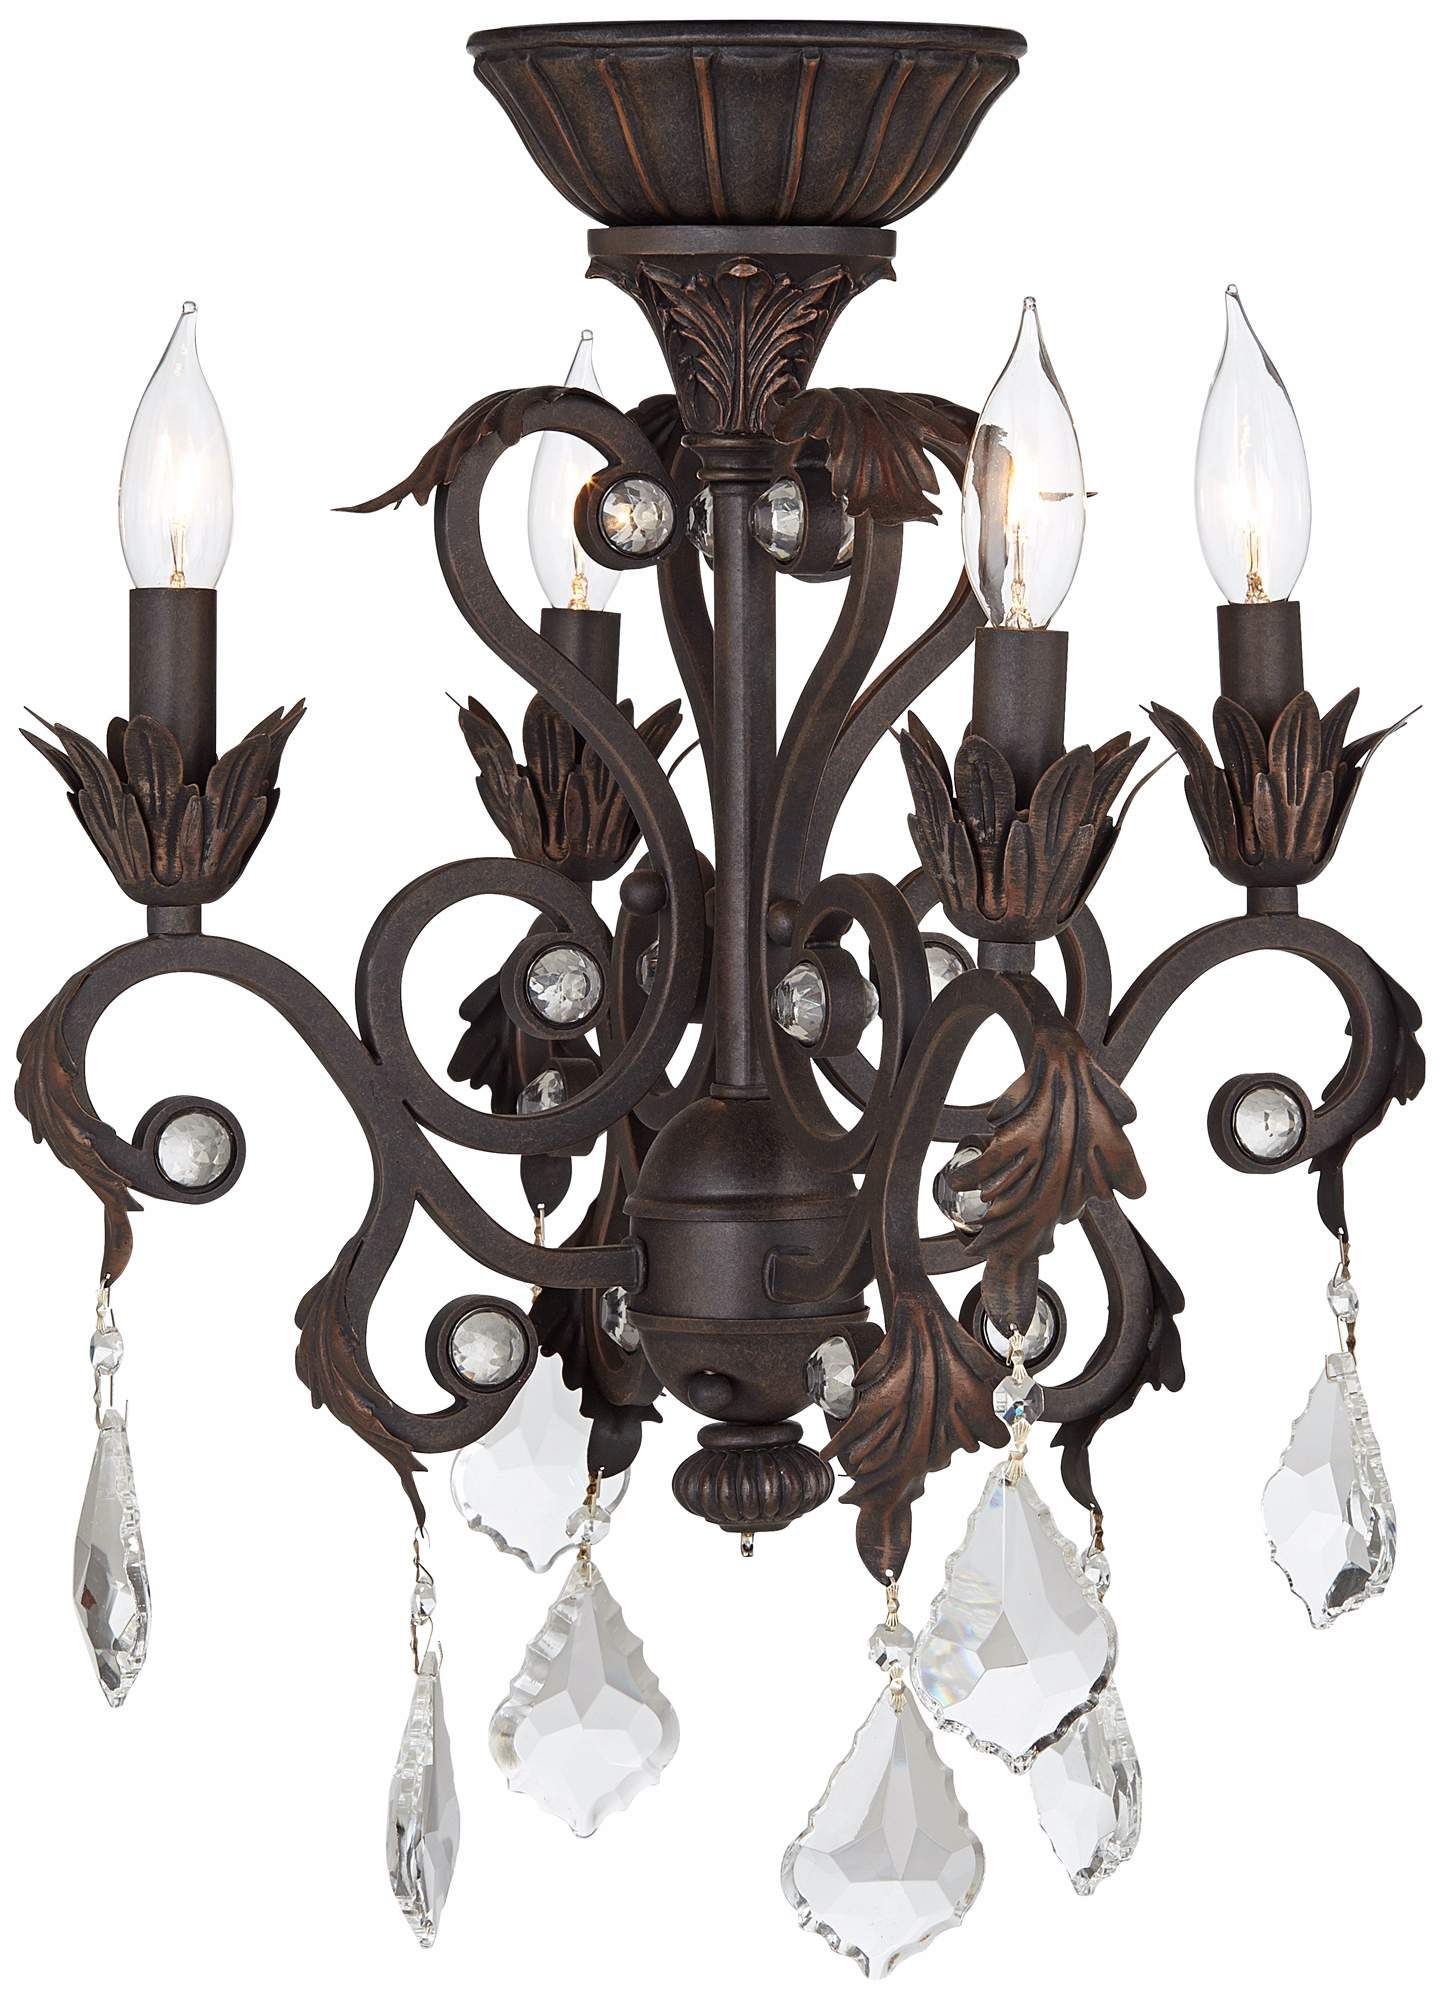 4 Light Oil Rubbed Bronze Chandelier Ceiling Fan Light Kit